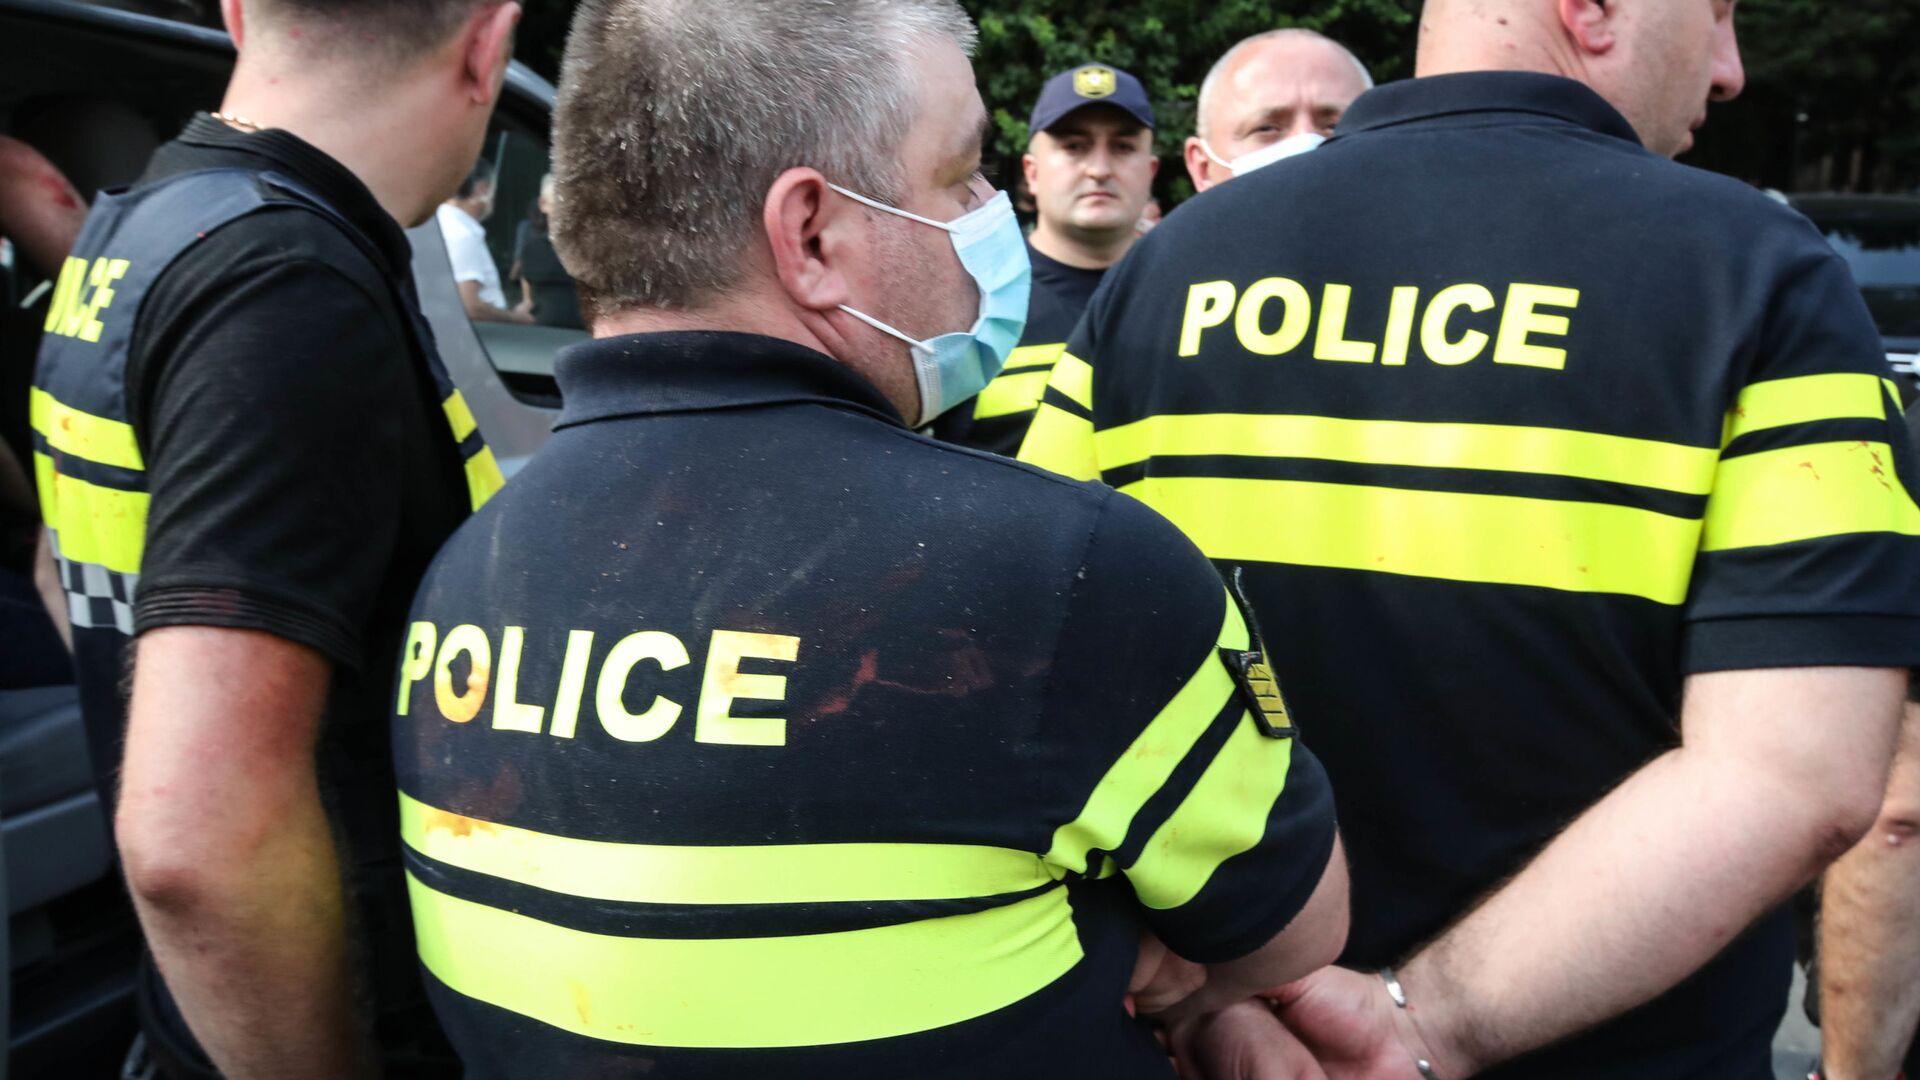 Патрульная полиция на акции протеста - Sputnik Грузия, 1920, 01.10.2021